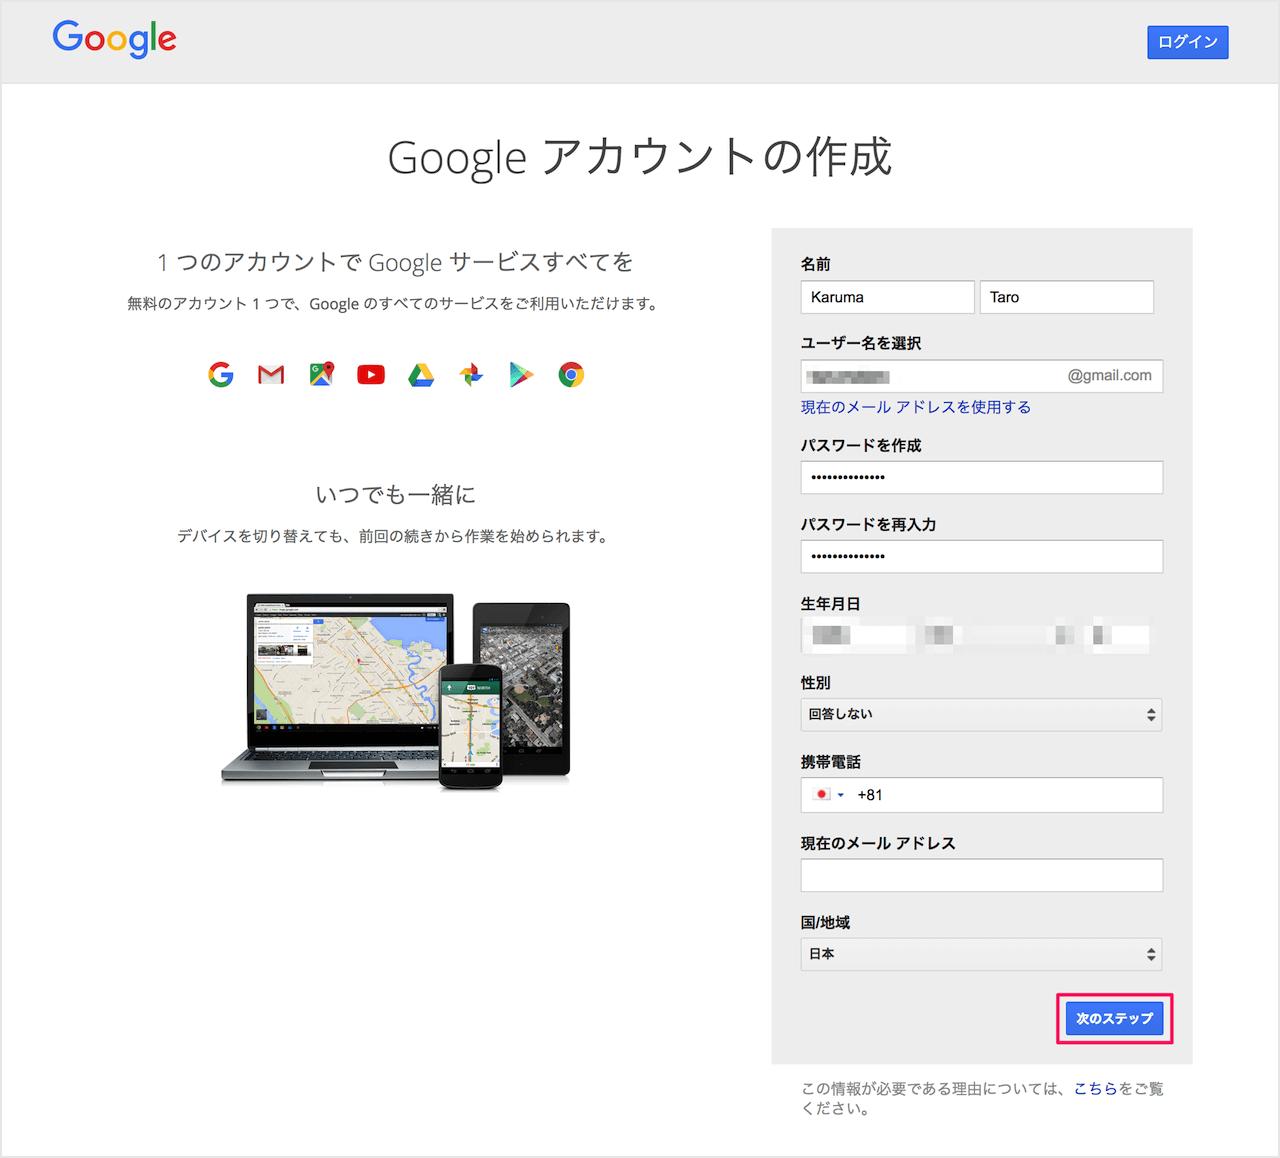 作成 アカウント g メール